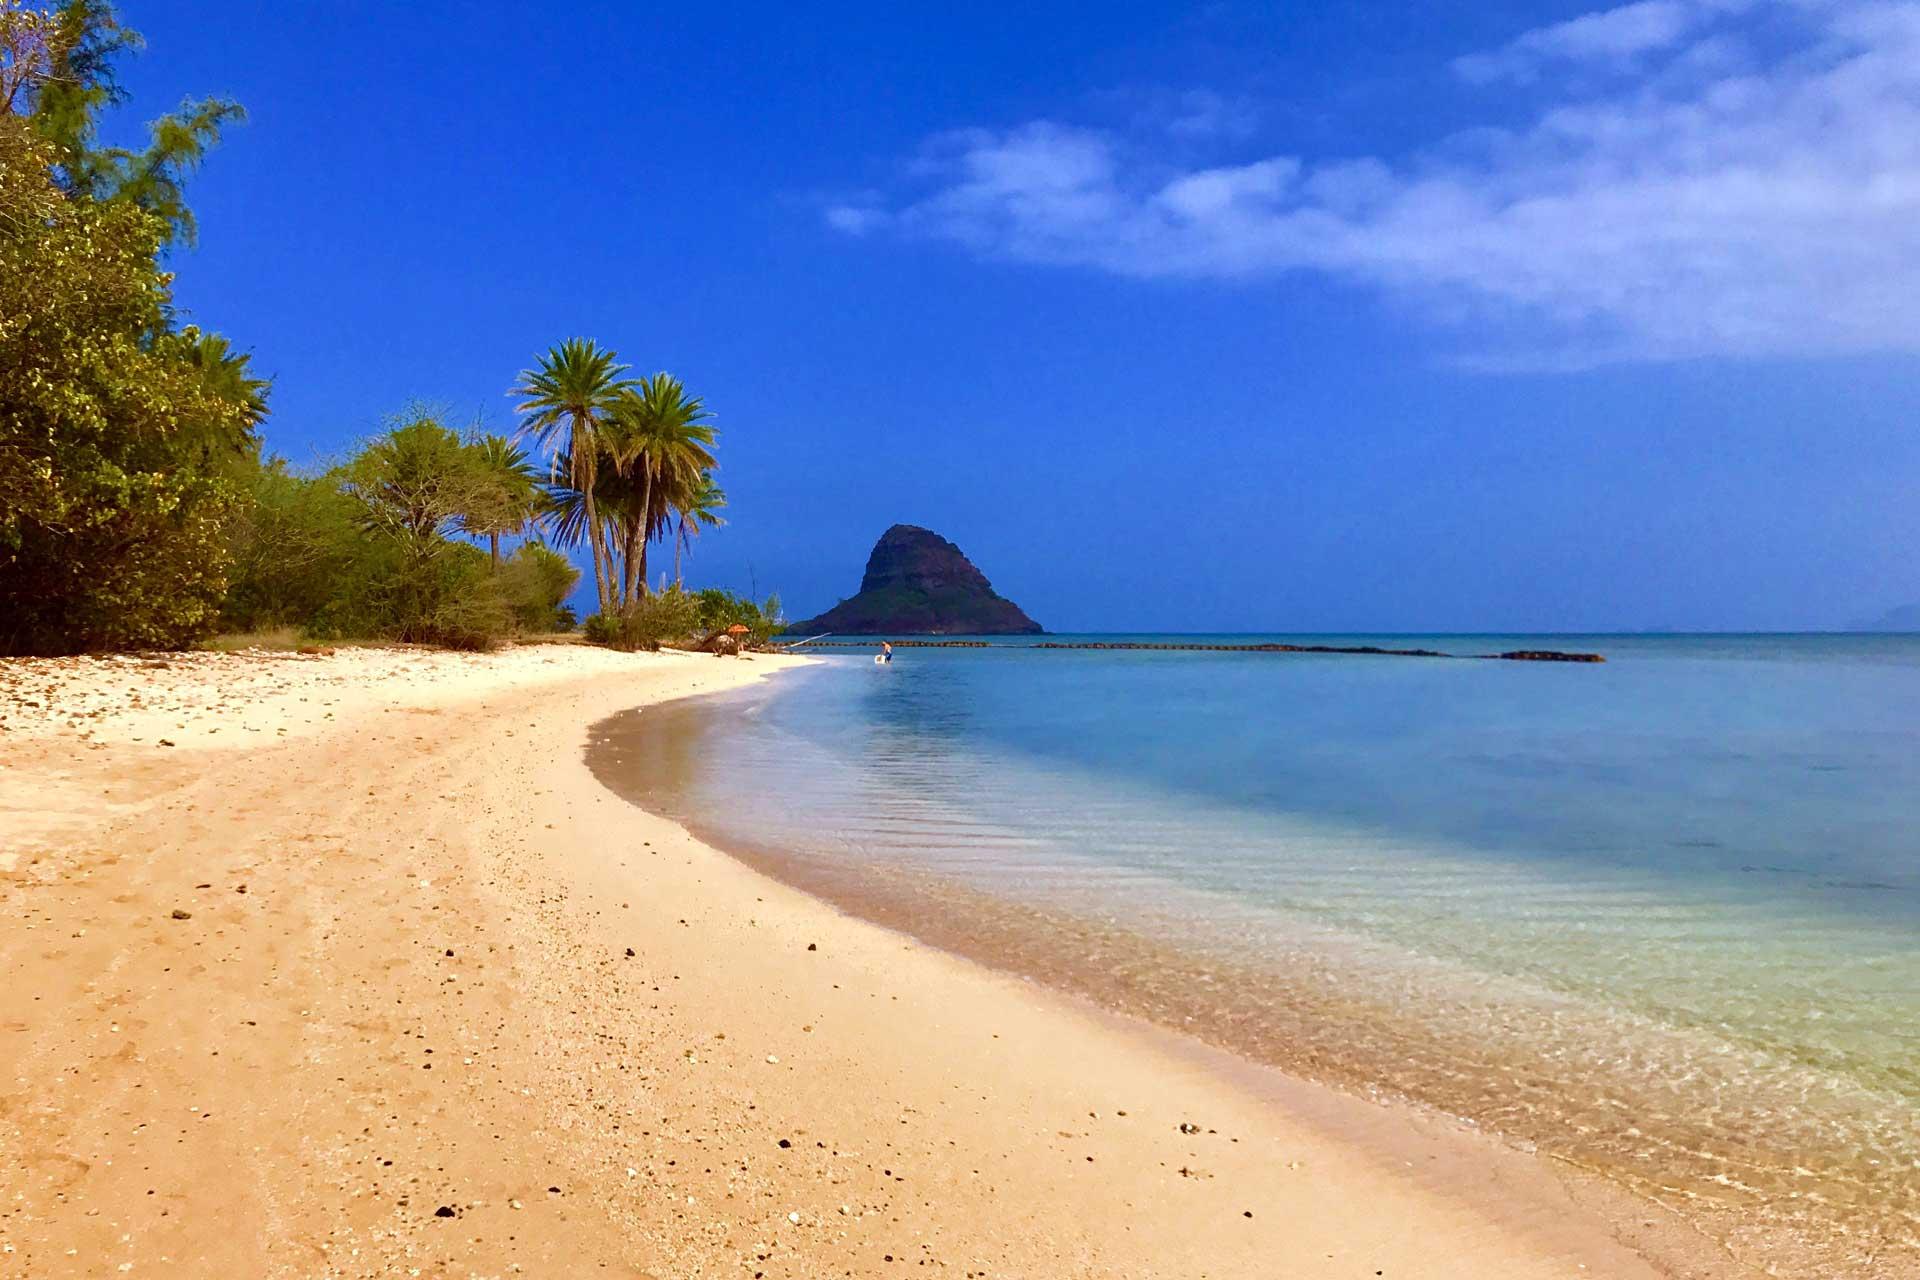 ハワイプライベート貸切りチャーターツアー